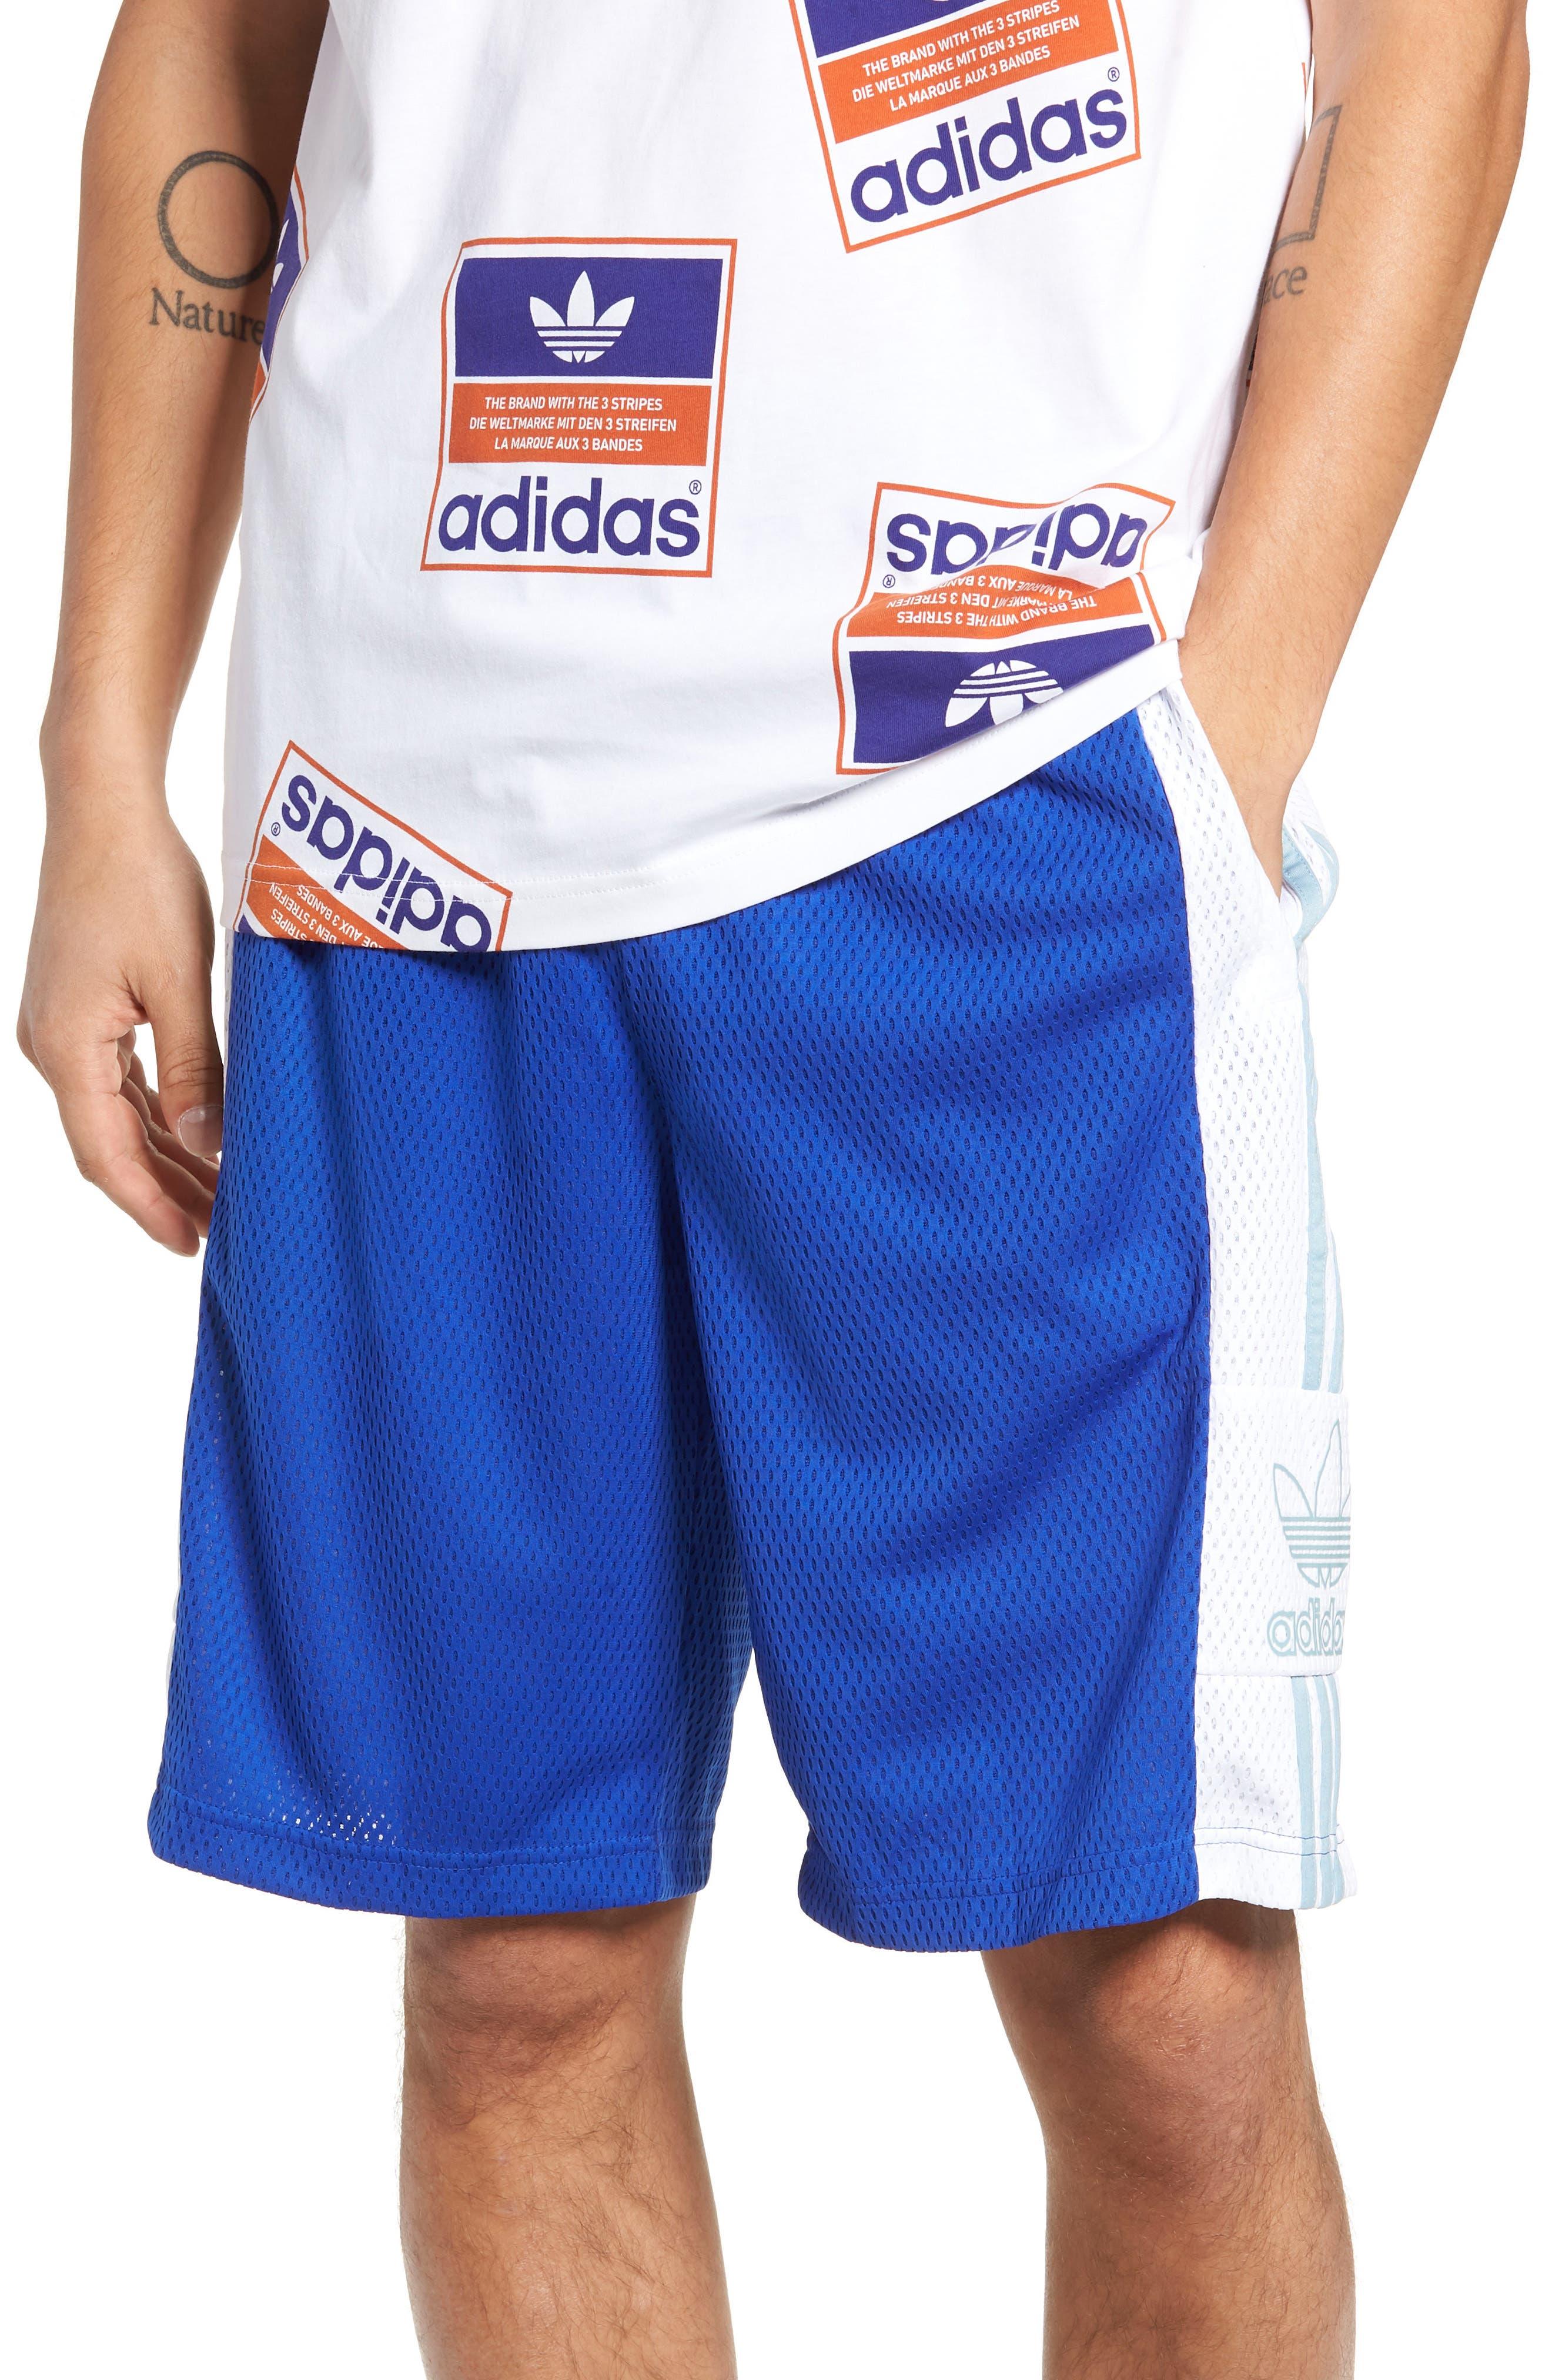 ADIDAS ORIGINALS, Mesh Athletic Shorts, Main thumbnail 1, color, BOLD BLUE/ WHITE